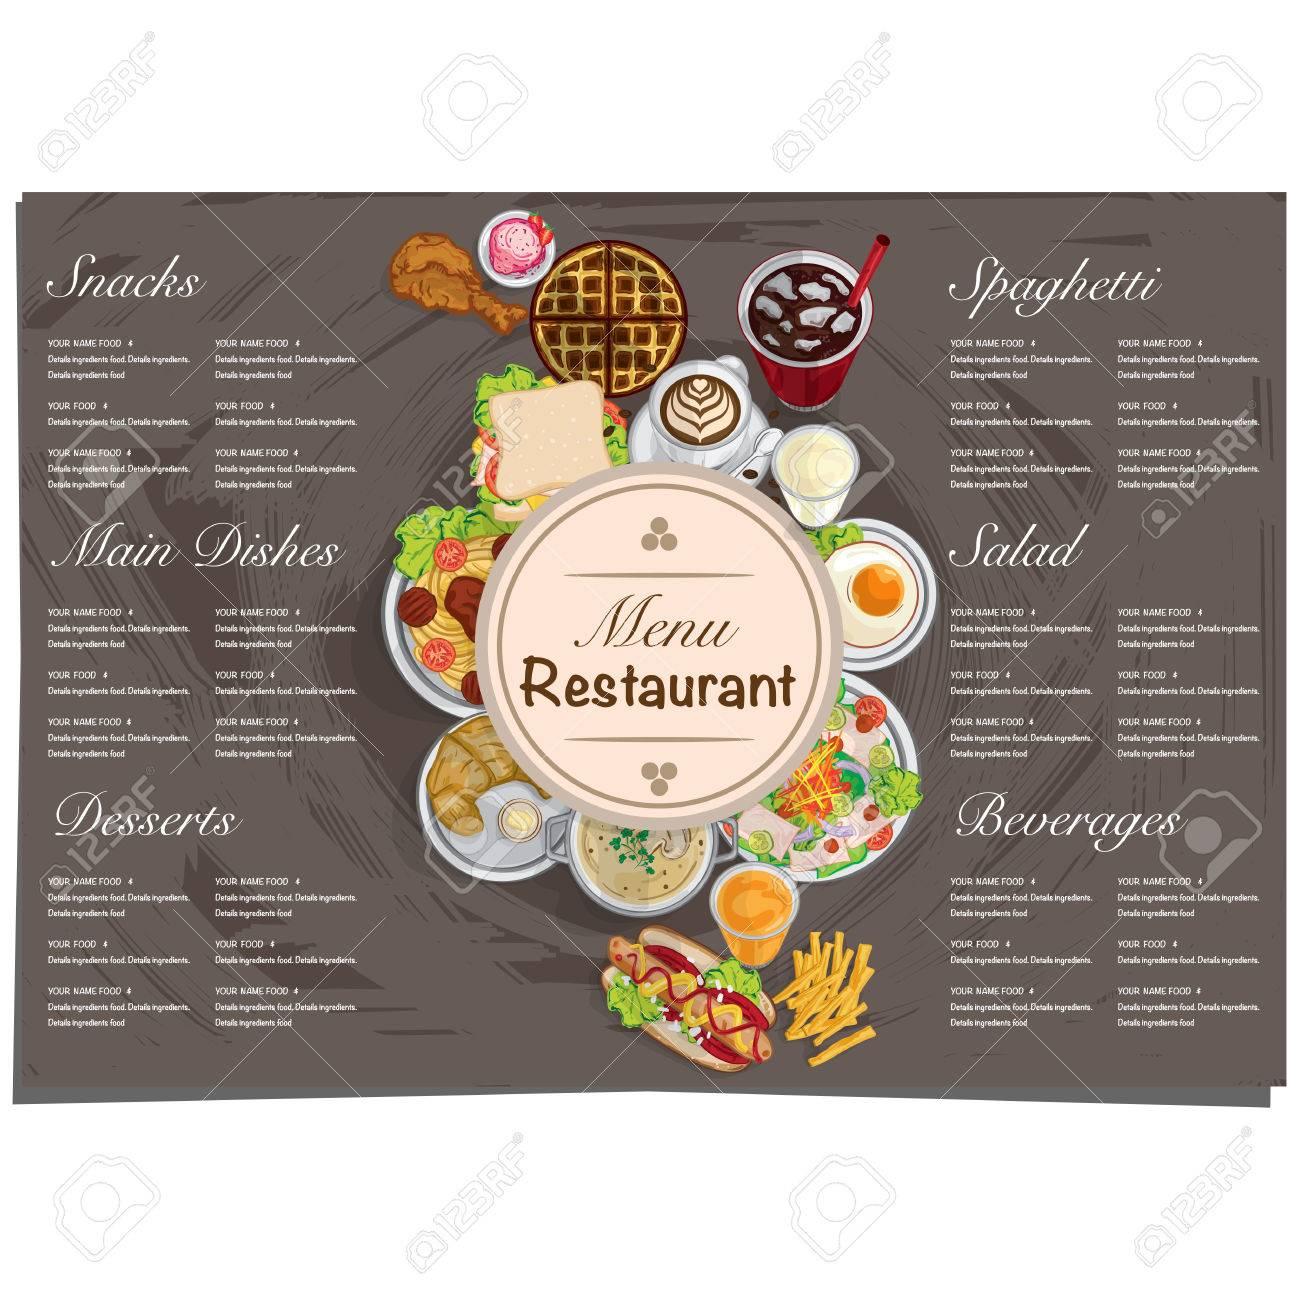 Menu Alimentaire Restaurant Modèle Conception Dessin à La Main Graphique